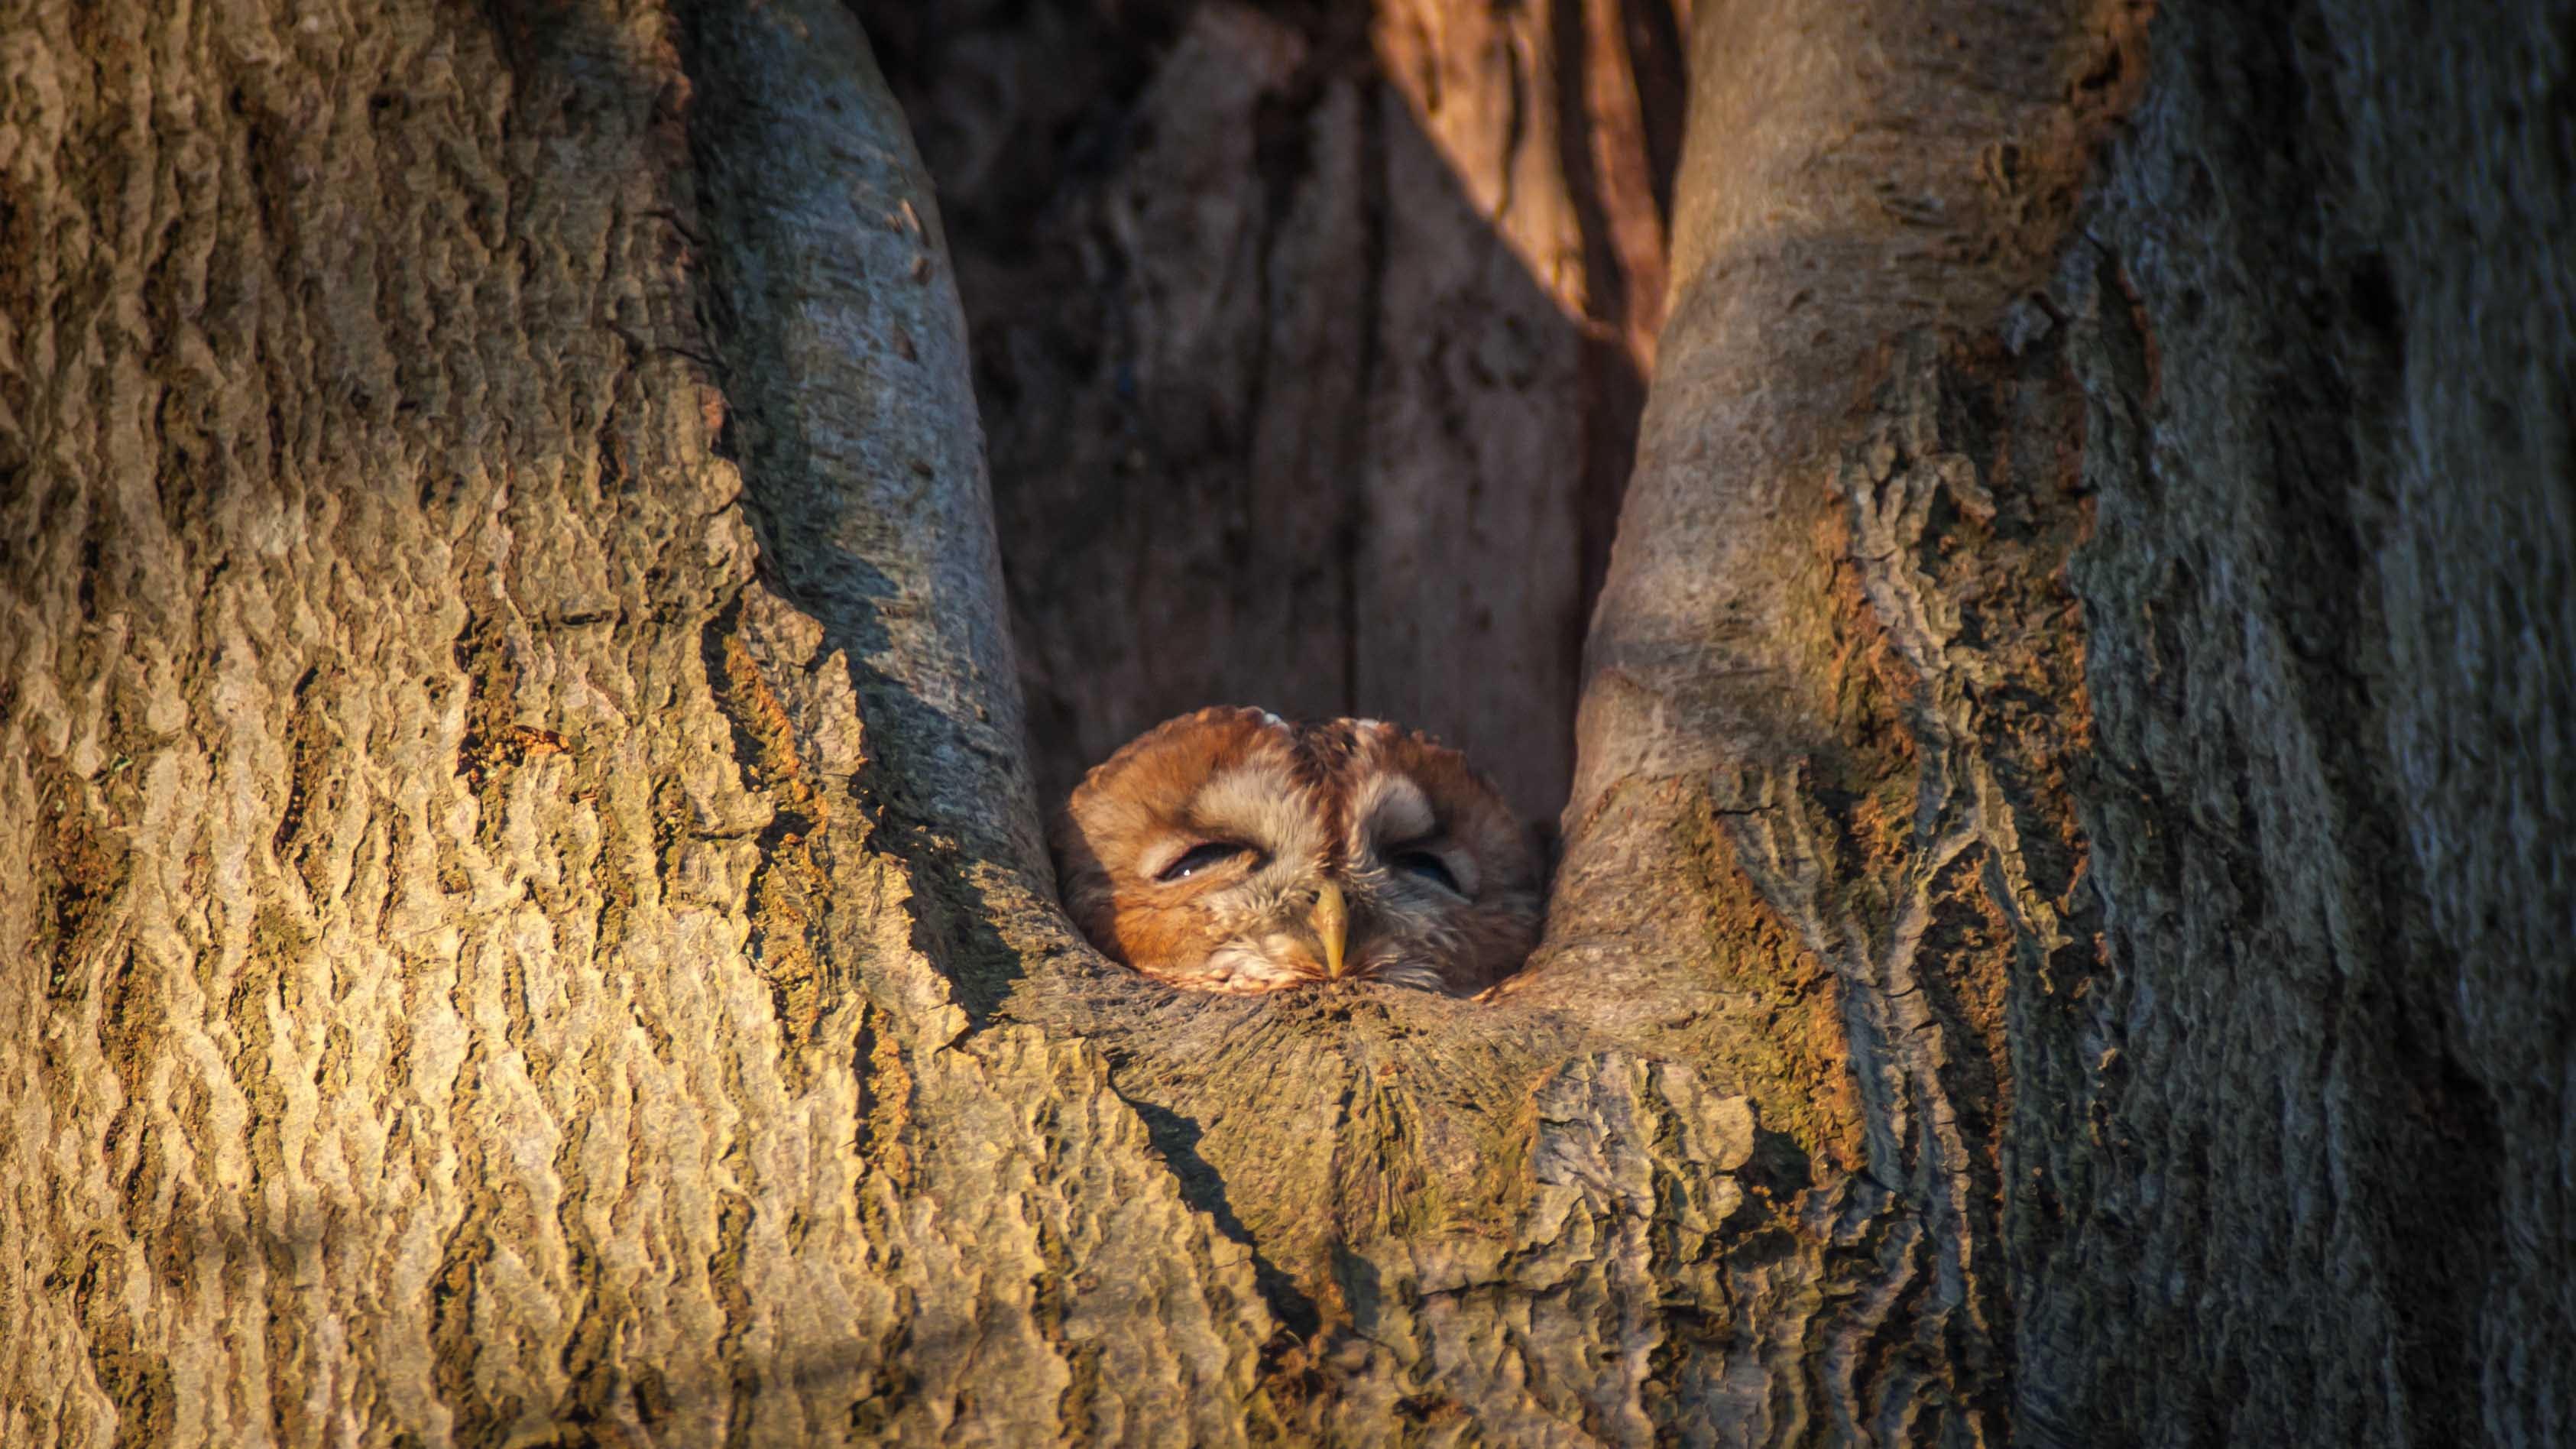 owl hiding inside tree ho9le